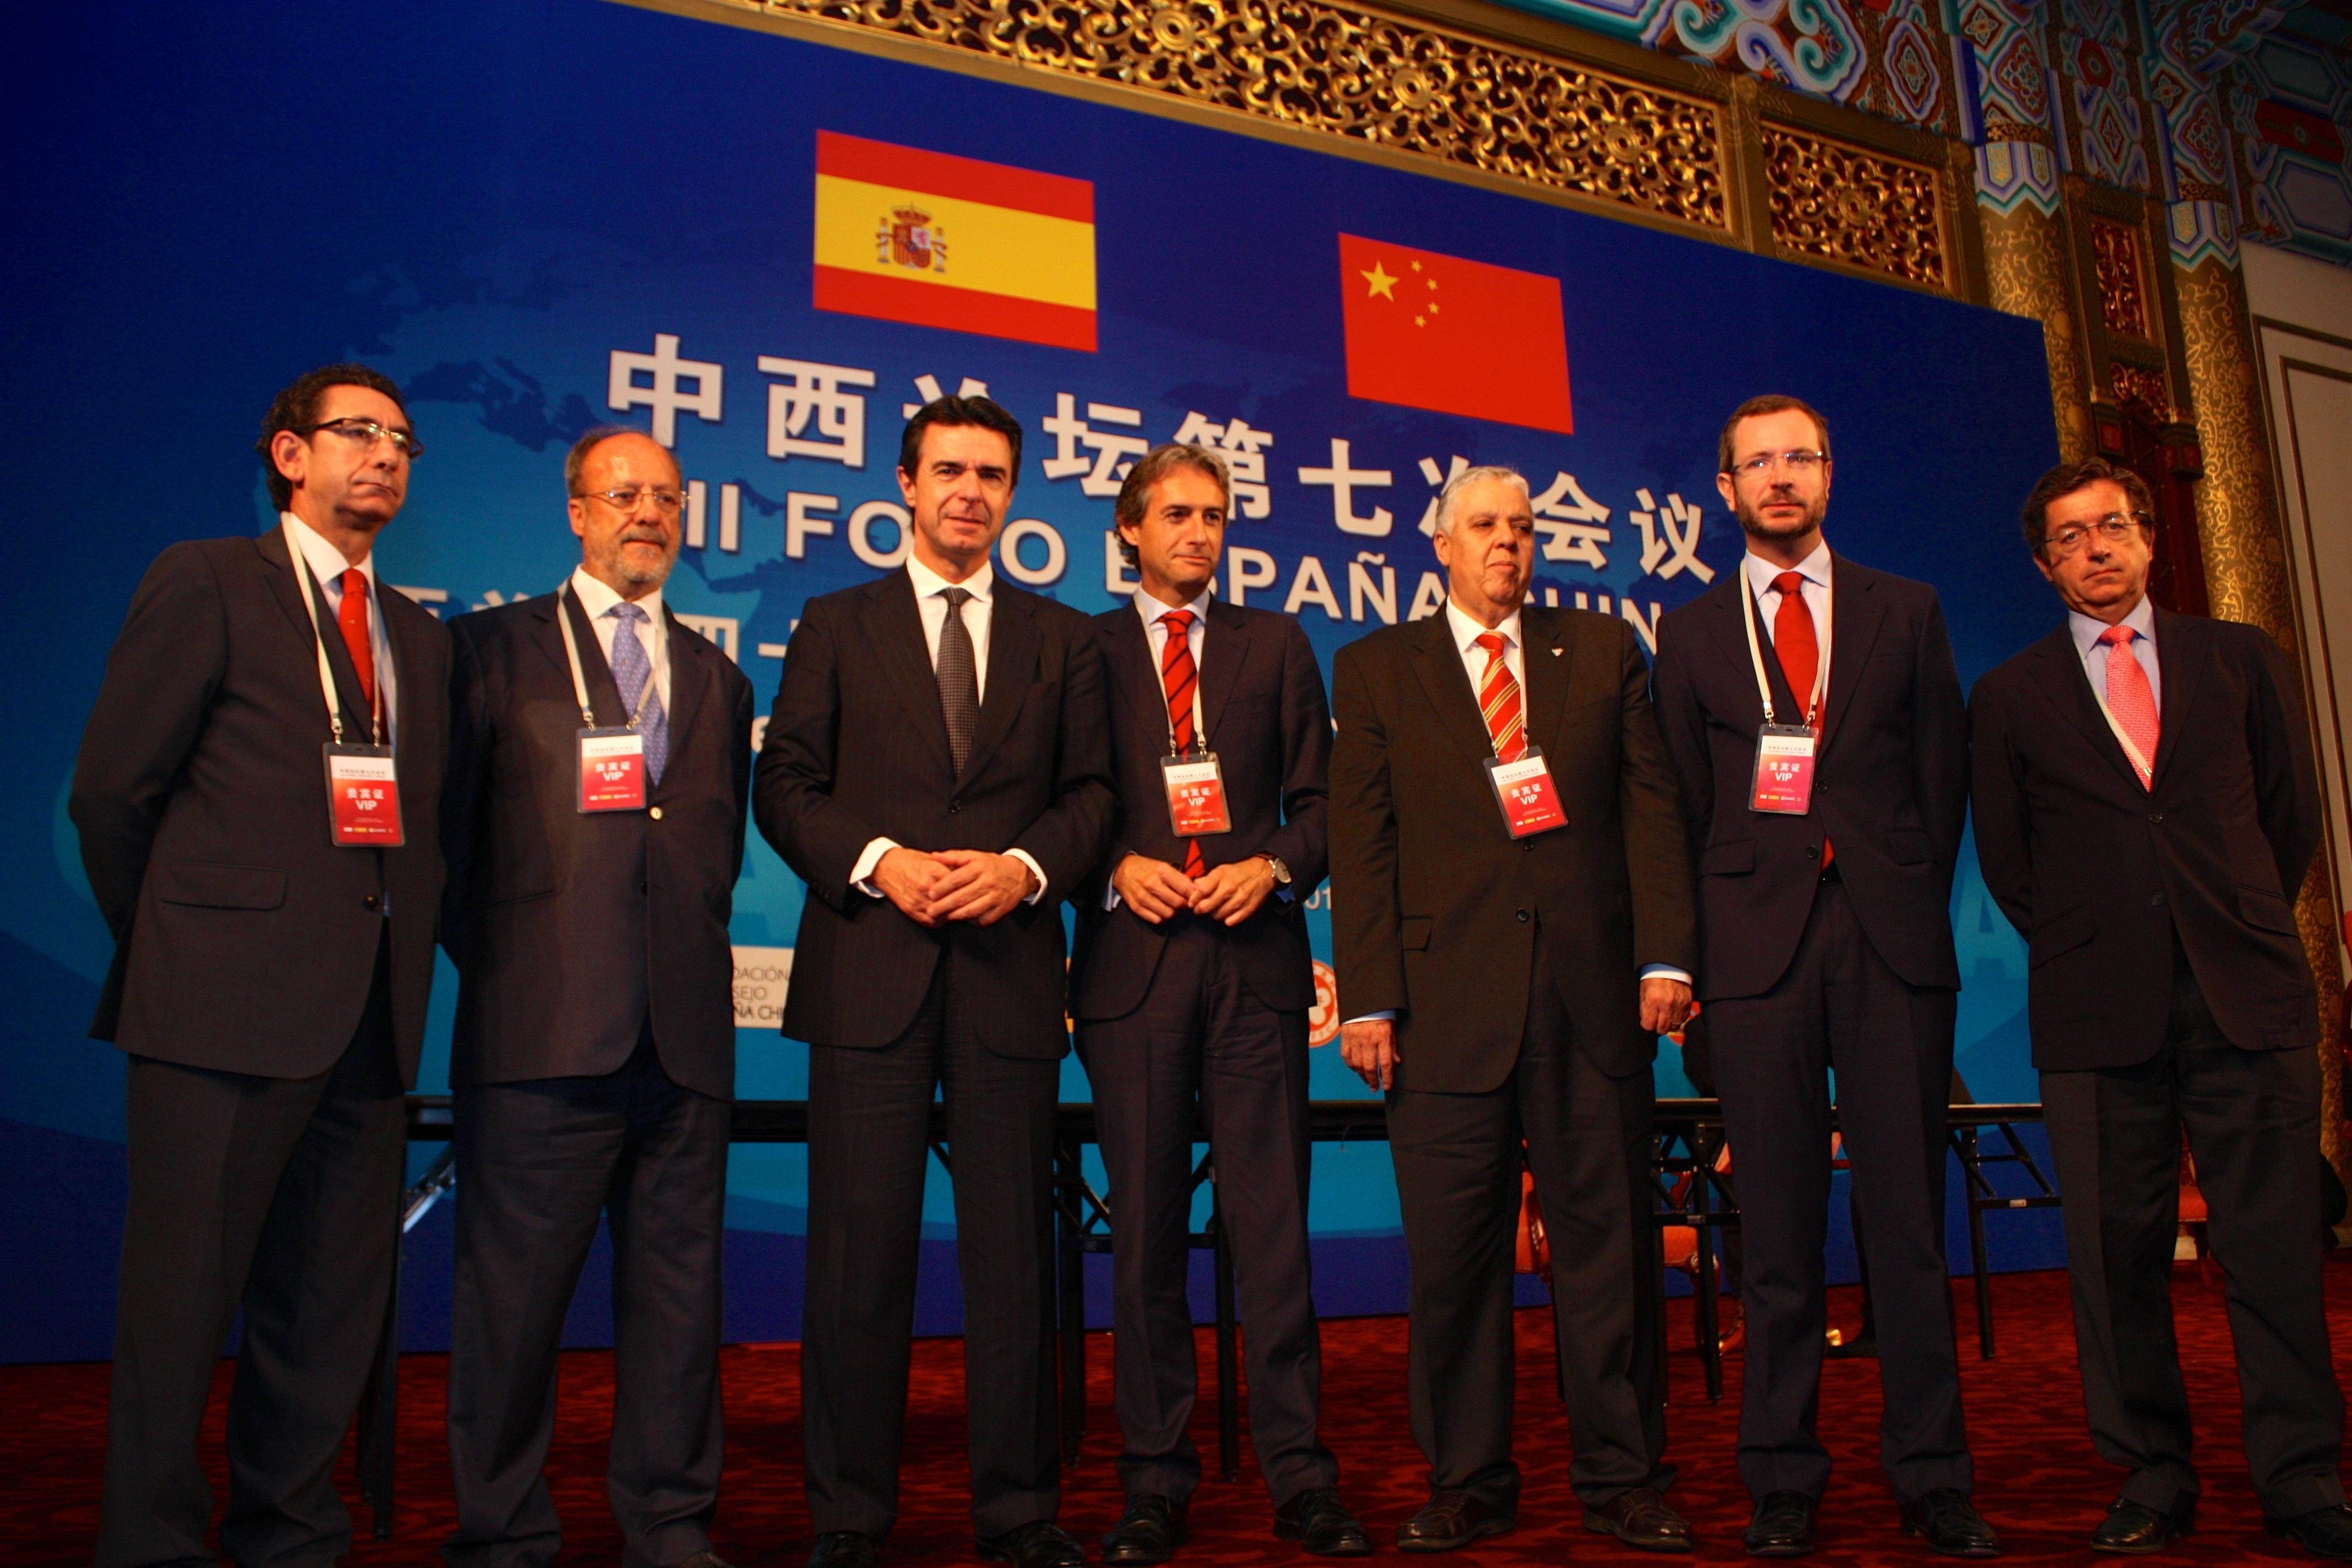 León de la Riva defiende en el Foro España-China la importancia de innovación y eficiencia en las ciudades